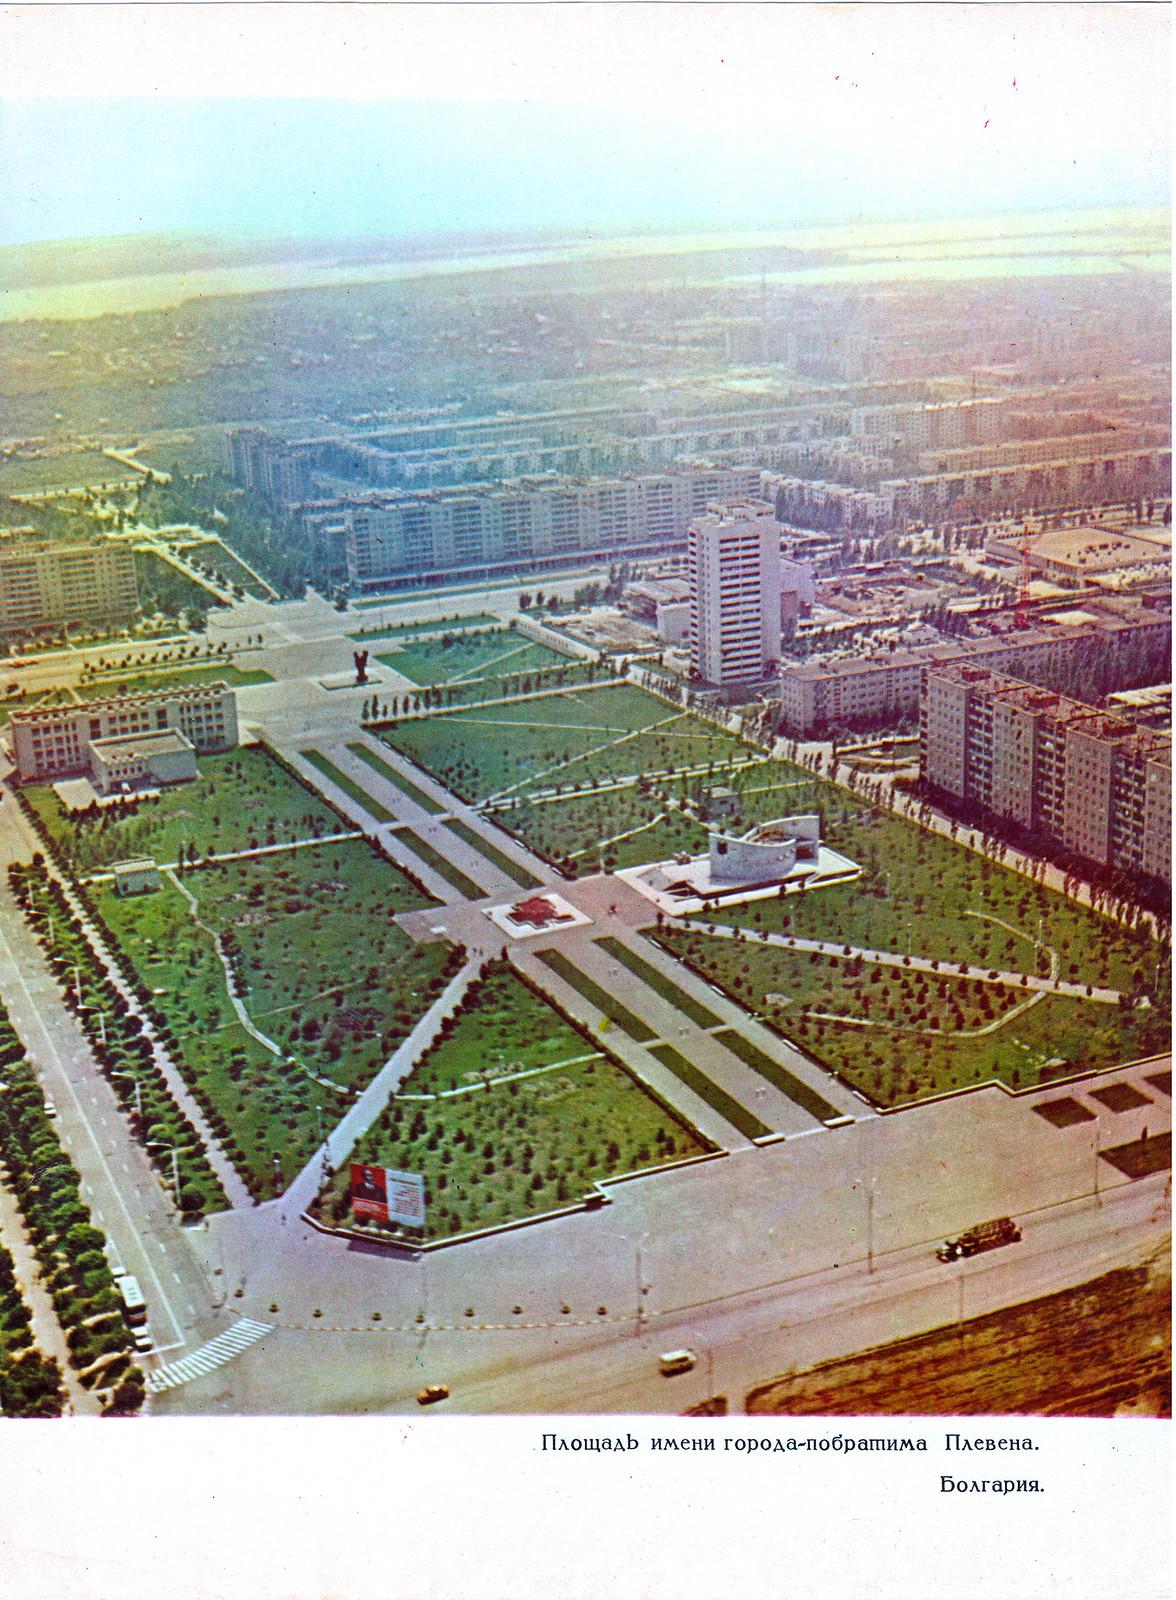 Ростов-на-Дону0036